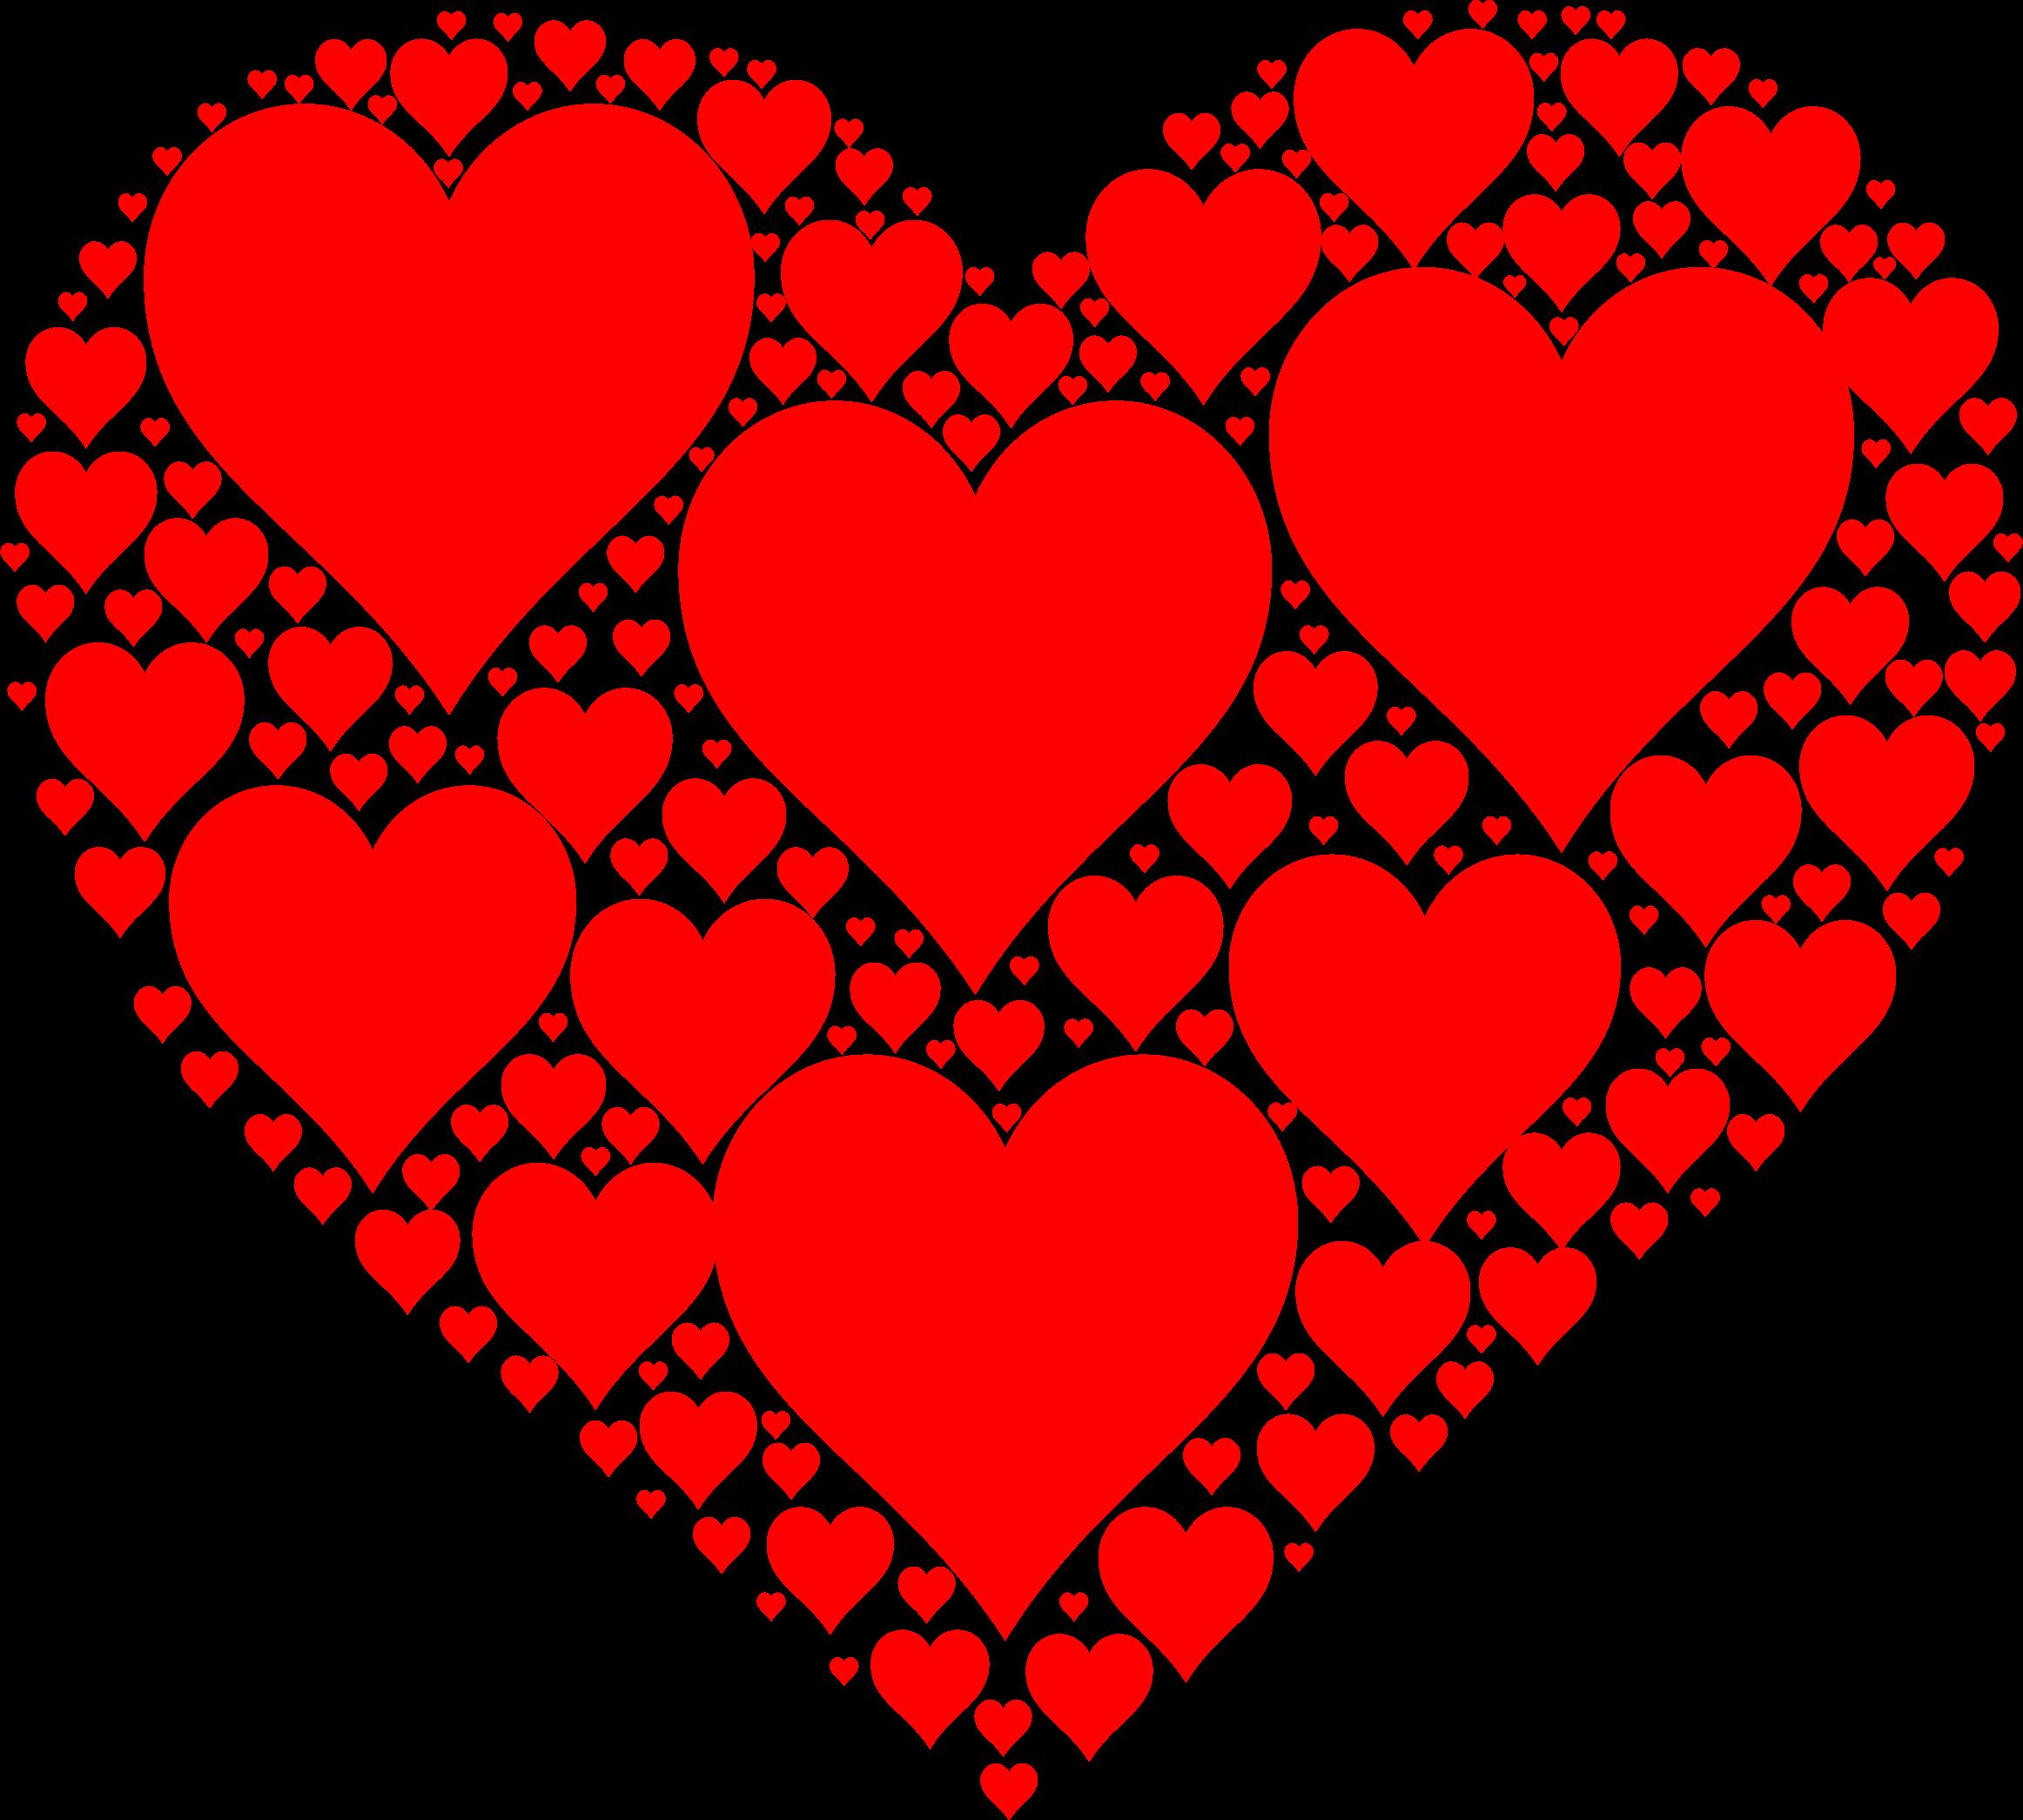 Hearts in by gdj. Heat clipart heart shape